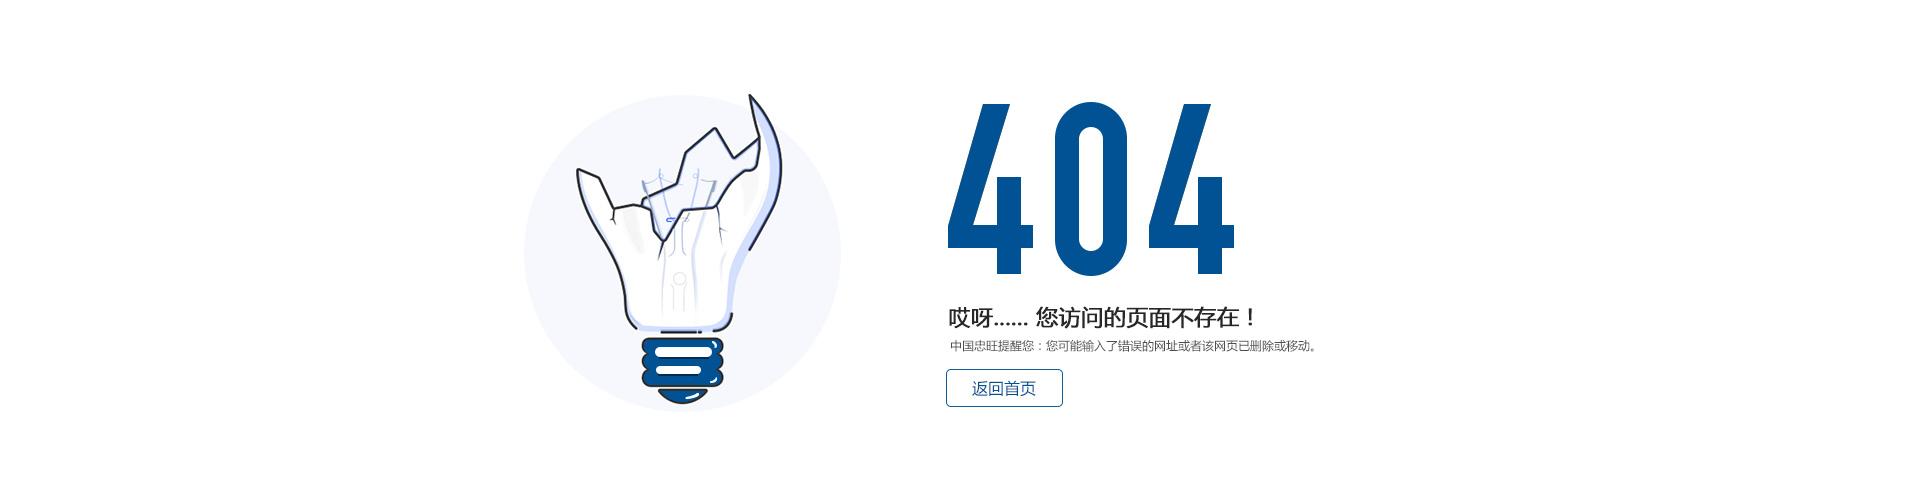 彩凤凰彩票官网集團